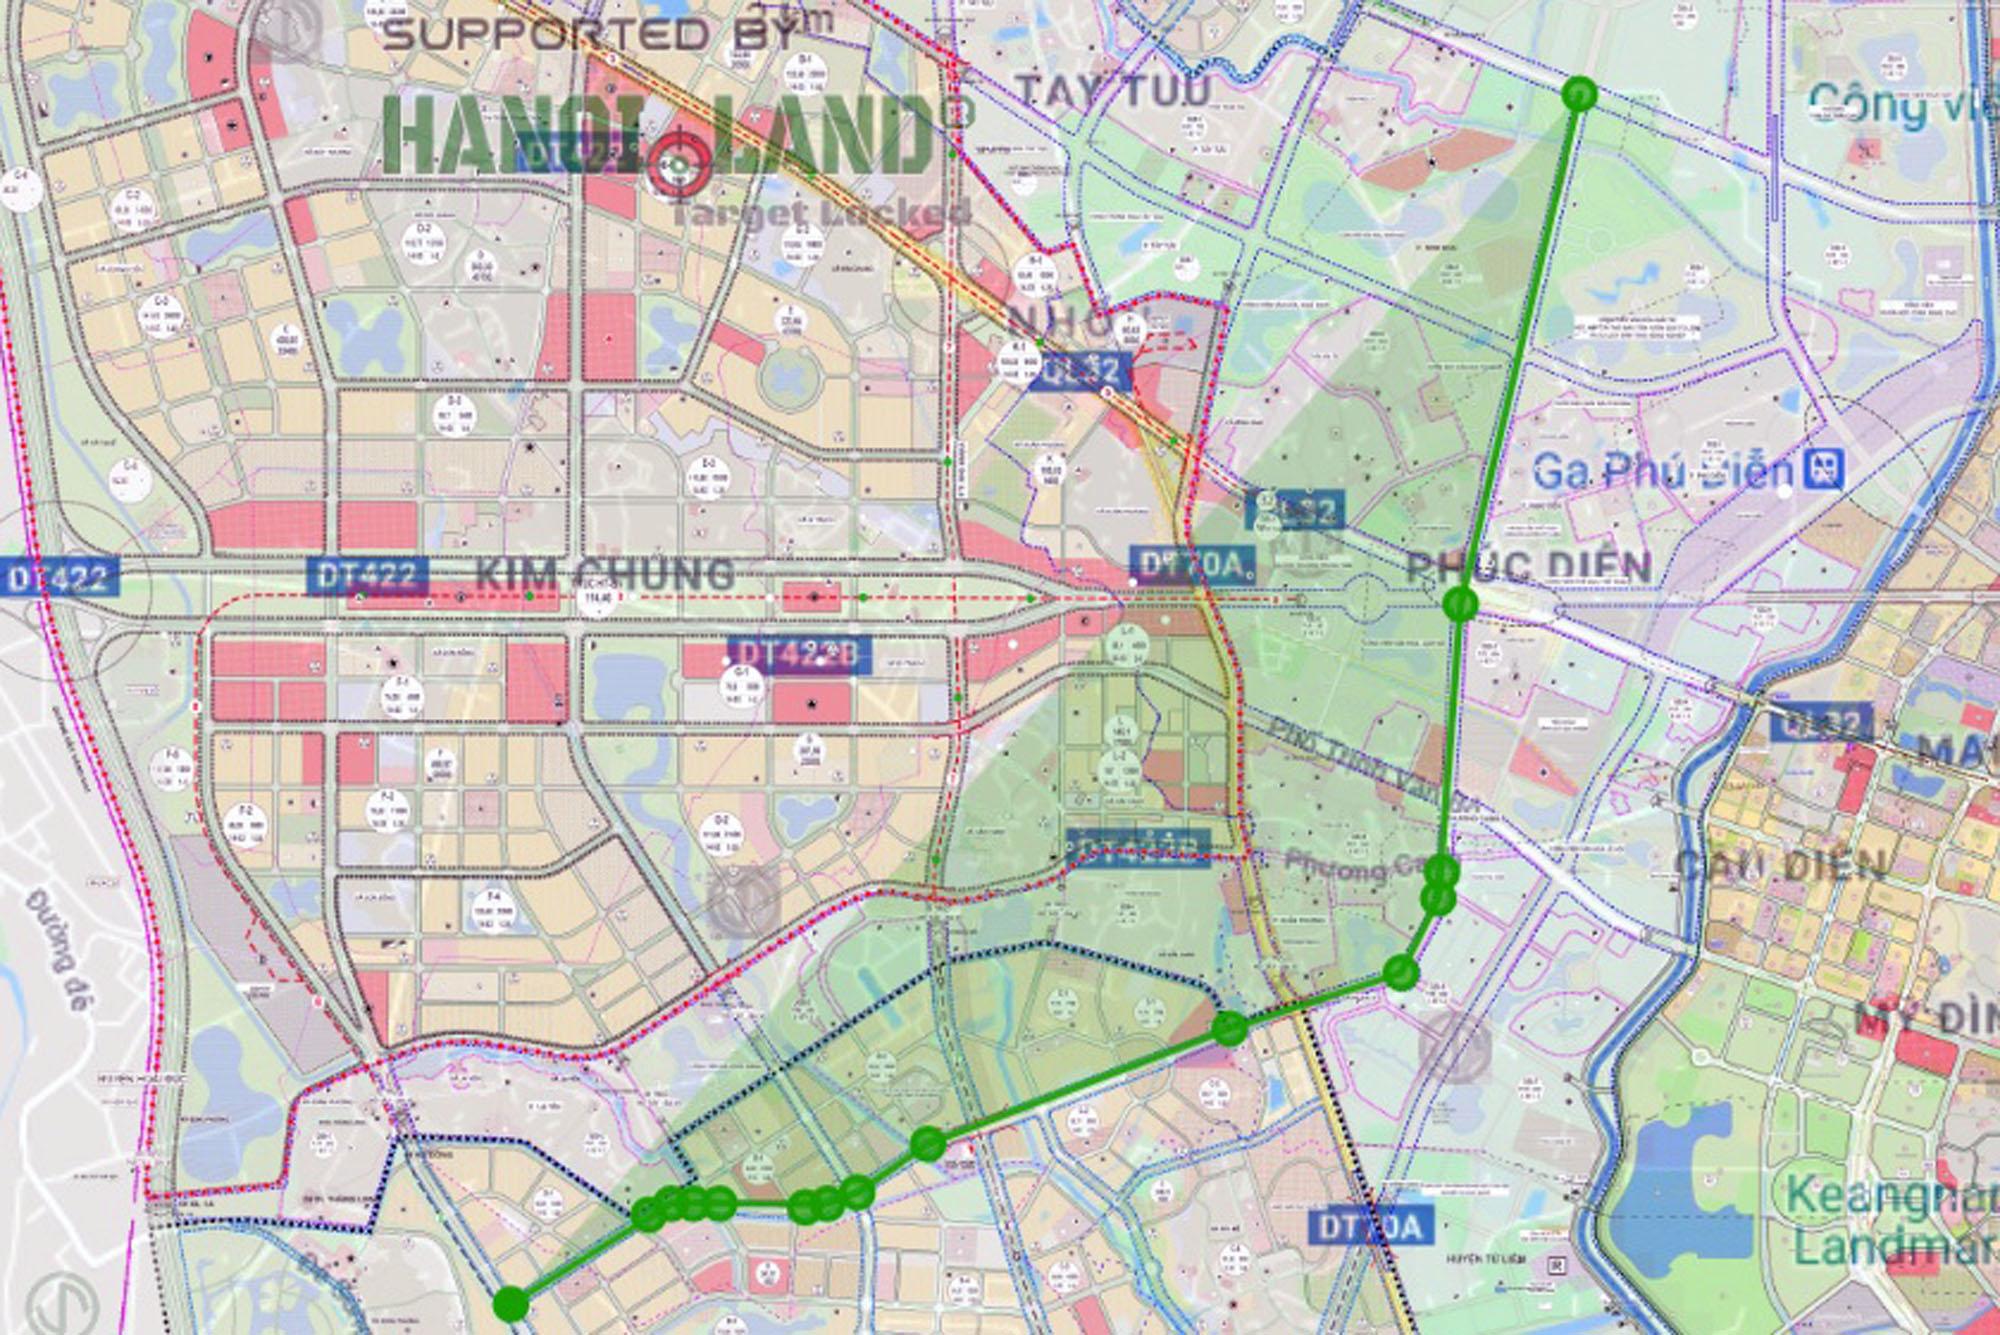 Những dự án hưởng lợi từ đường qua ba quận, nối trục Tây Thăng Long với Khu đô thị Bắc An Khánh theo qui hoạch - Ảnh 1.